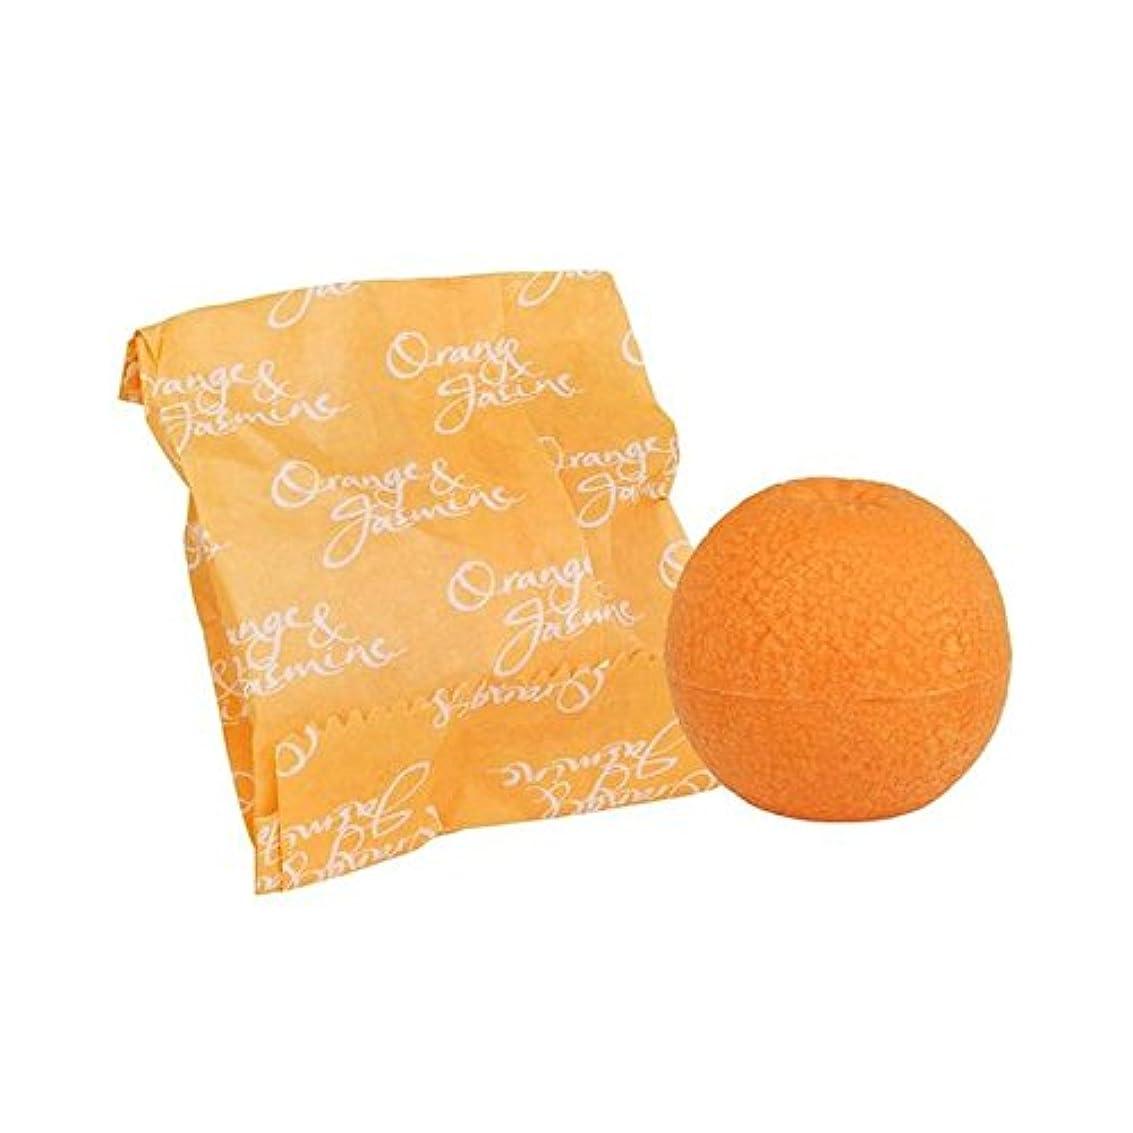 部海洋高音オレンジ&ジャスミン石鹸100グラム x2 - Bronnley Orange & Jasmine Soap 100g (Pack of 2) [並行輸入品]